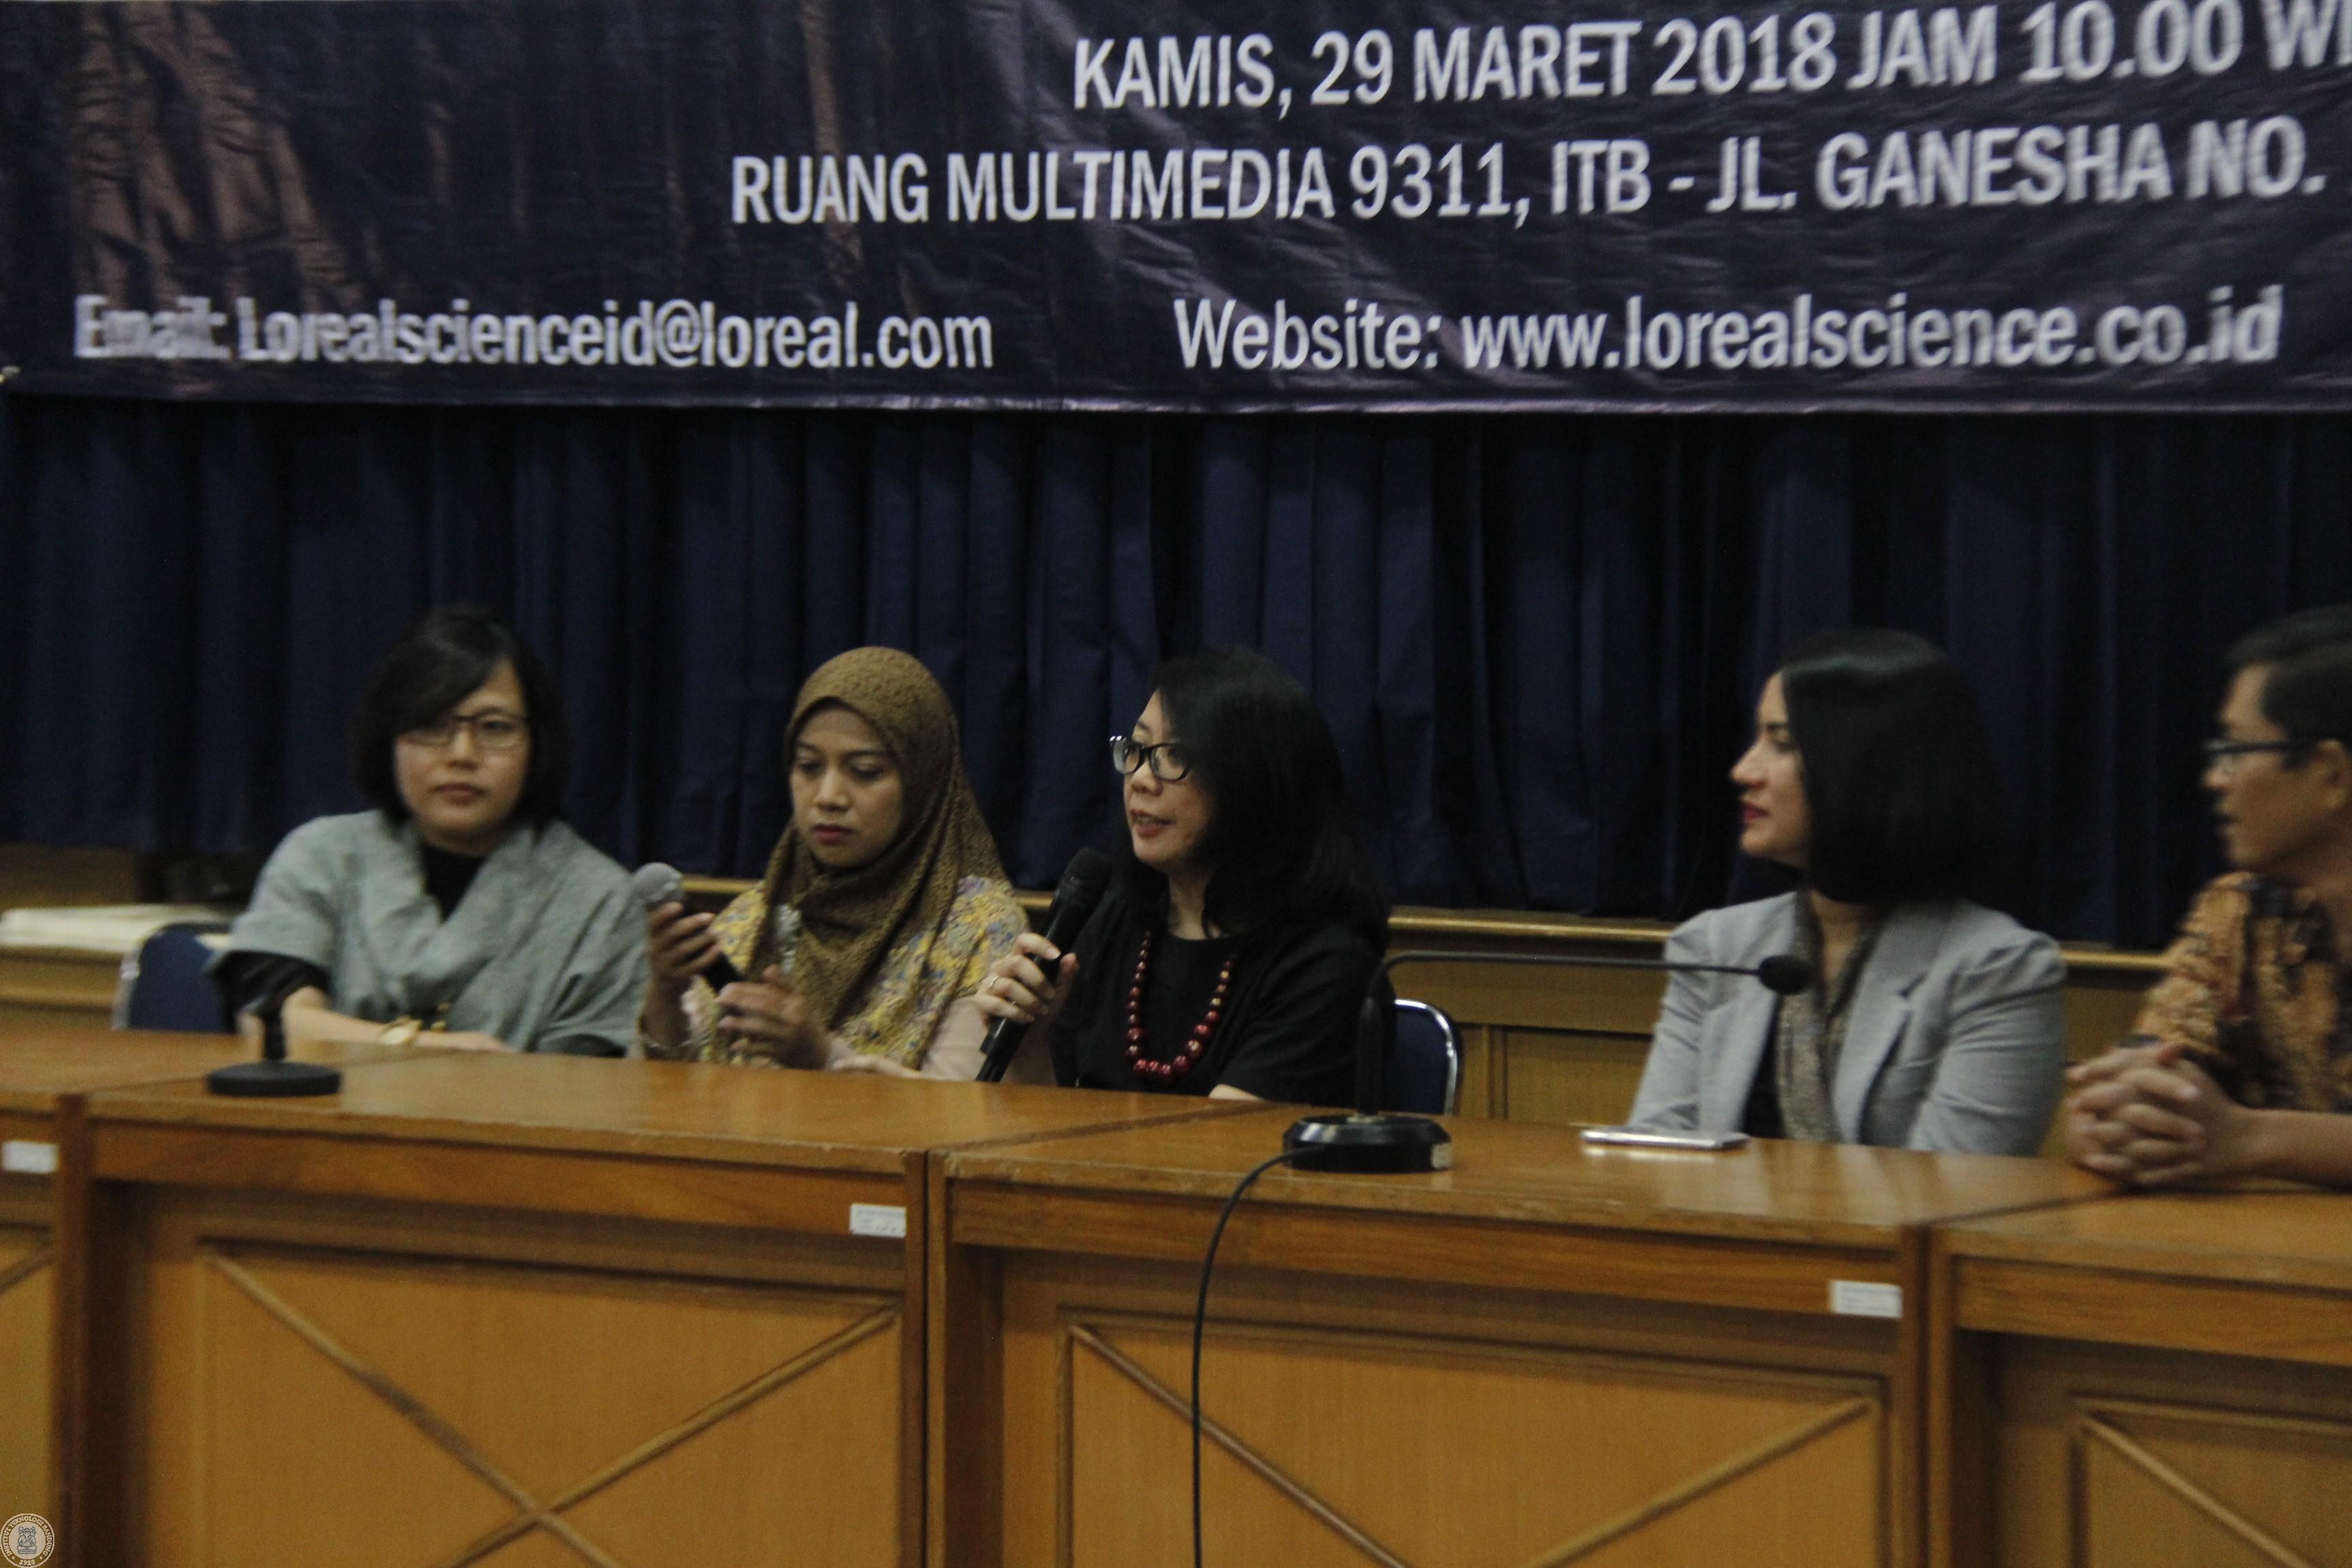 loreal-unesco-fwis-2018-mendorong-perempuan-berkarir-di-bidang-sains